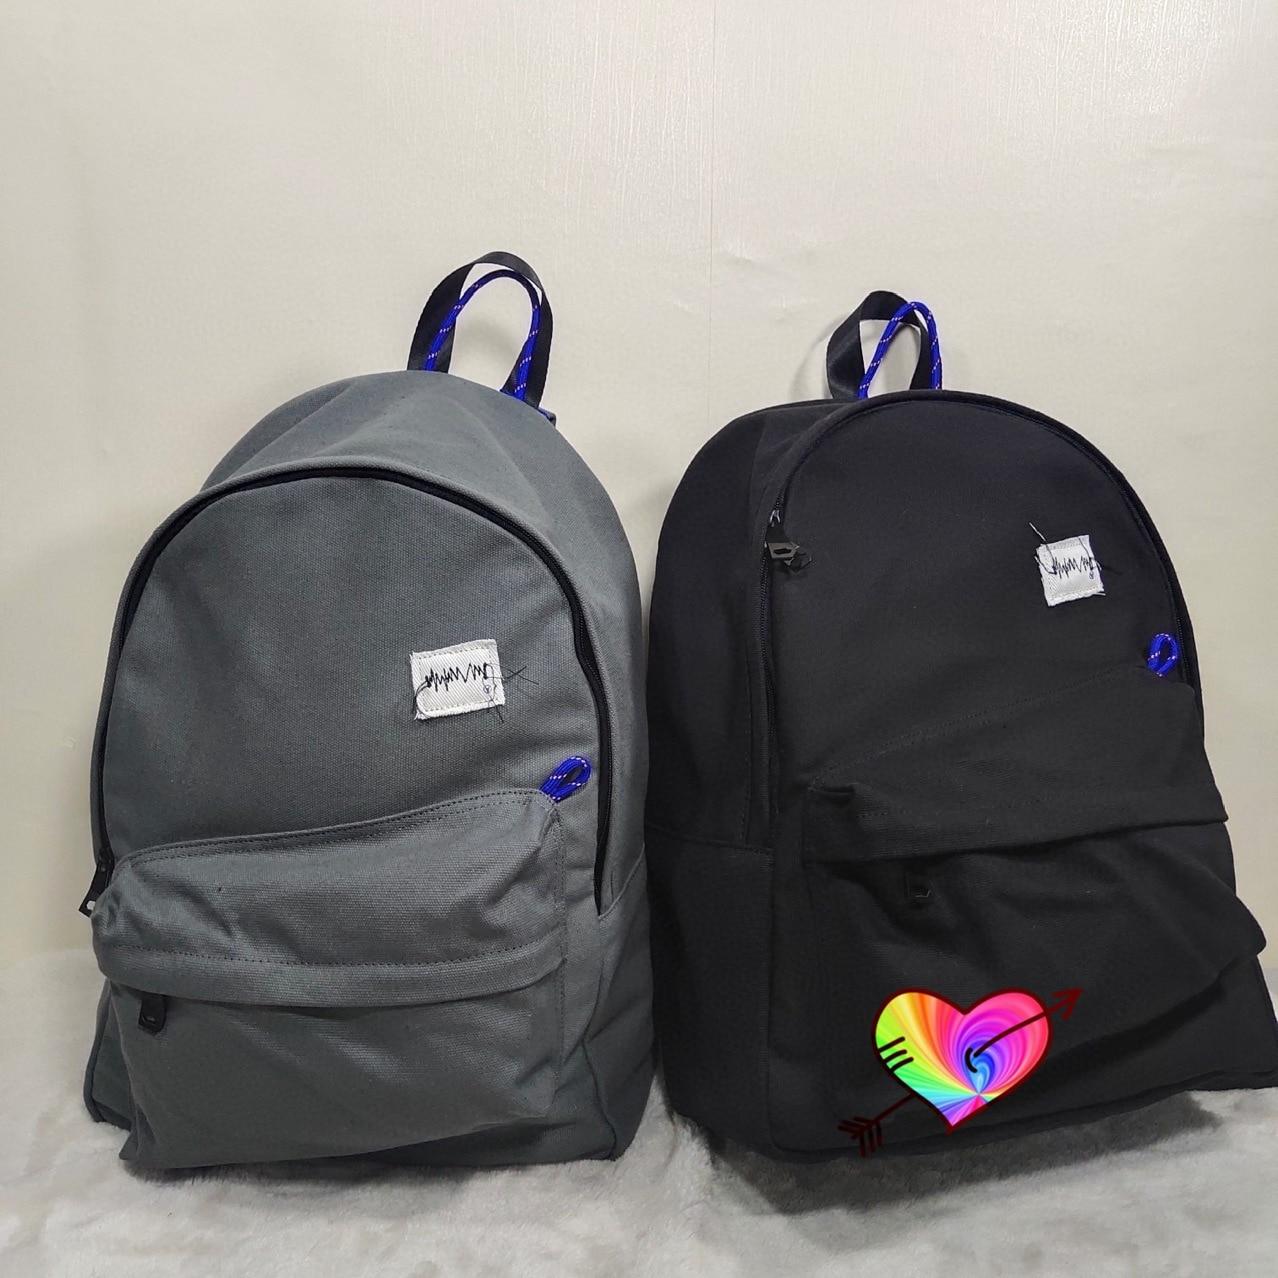 حقائب ظهر رجالي ونسائي ذات جودة عالية بتصميم شعار إبرة 2021 حقيبة ظهر من نوع ADER